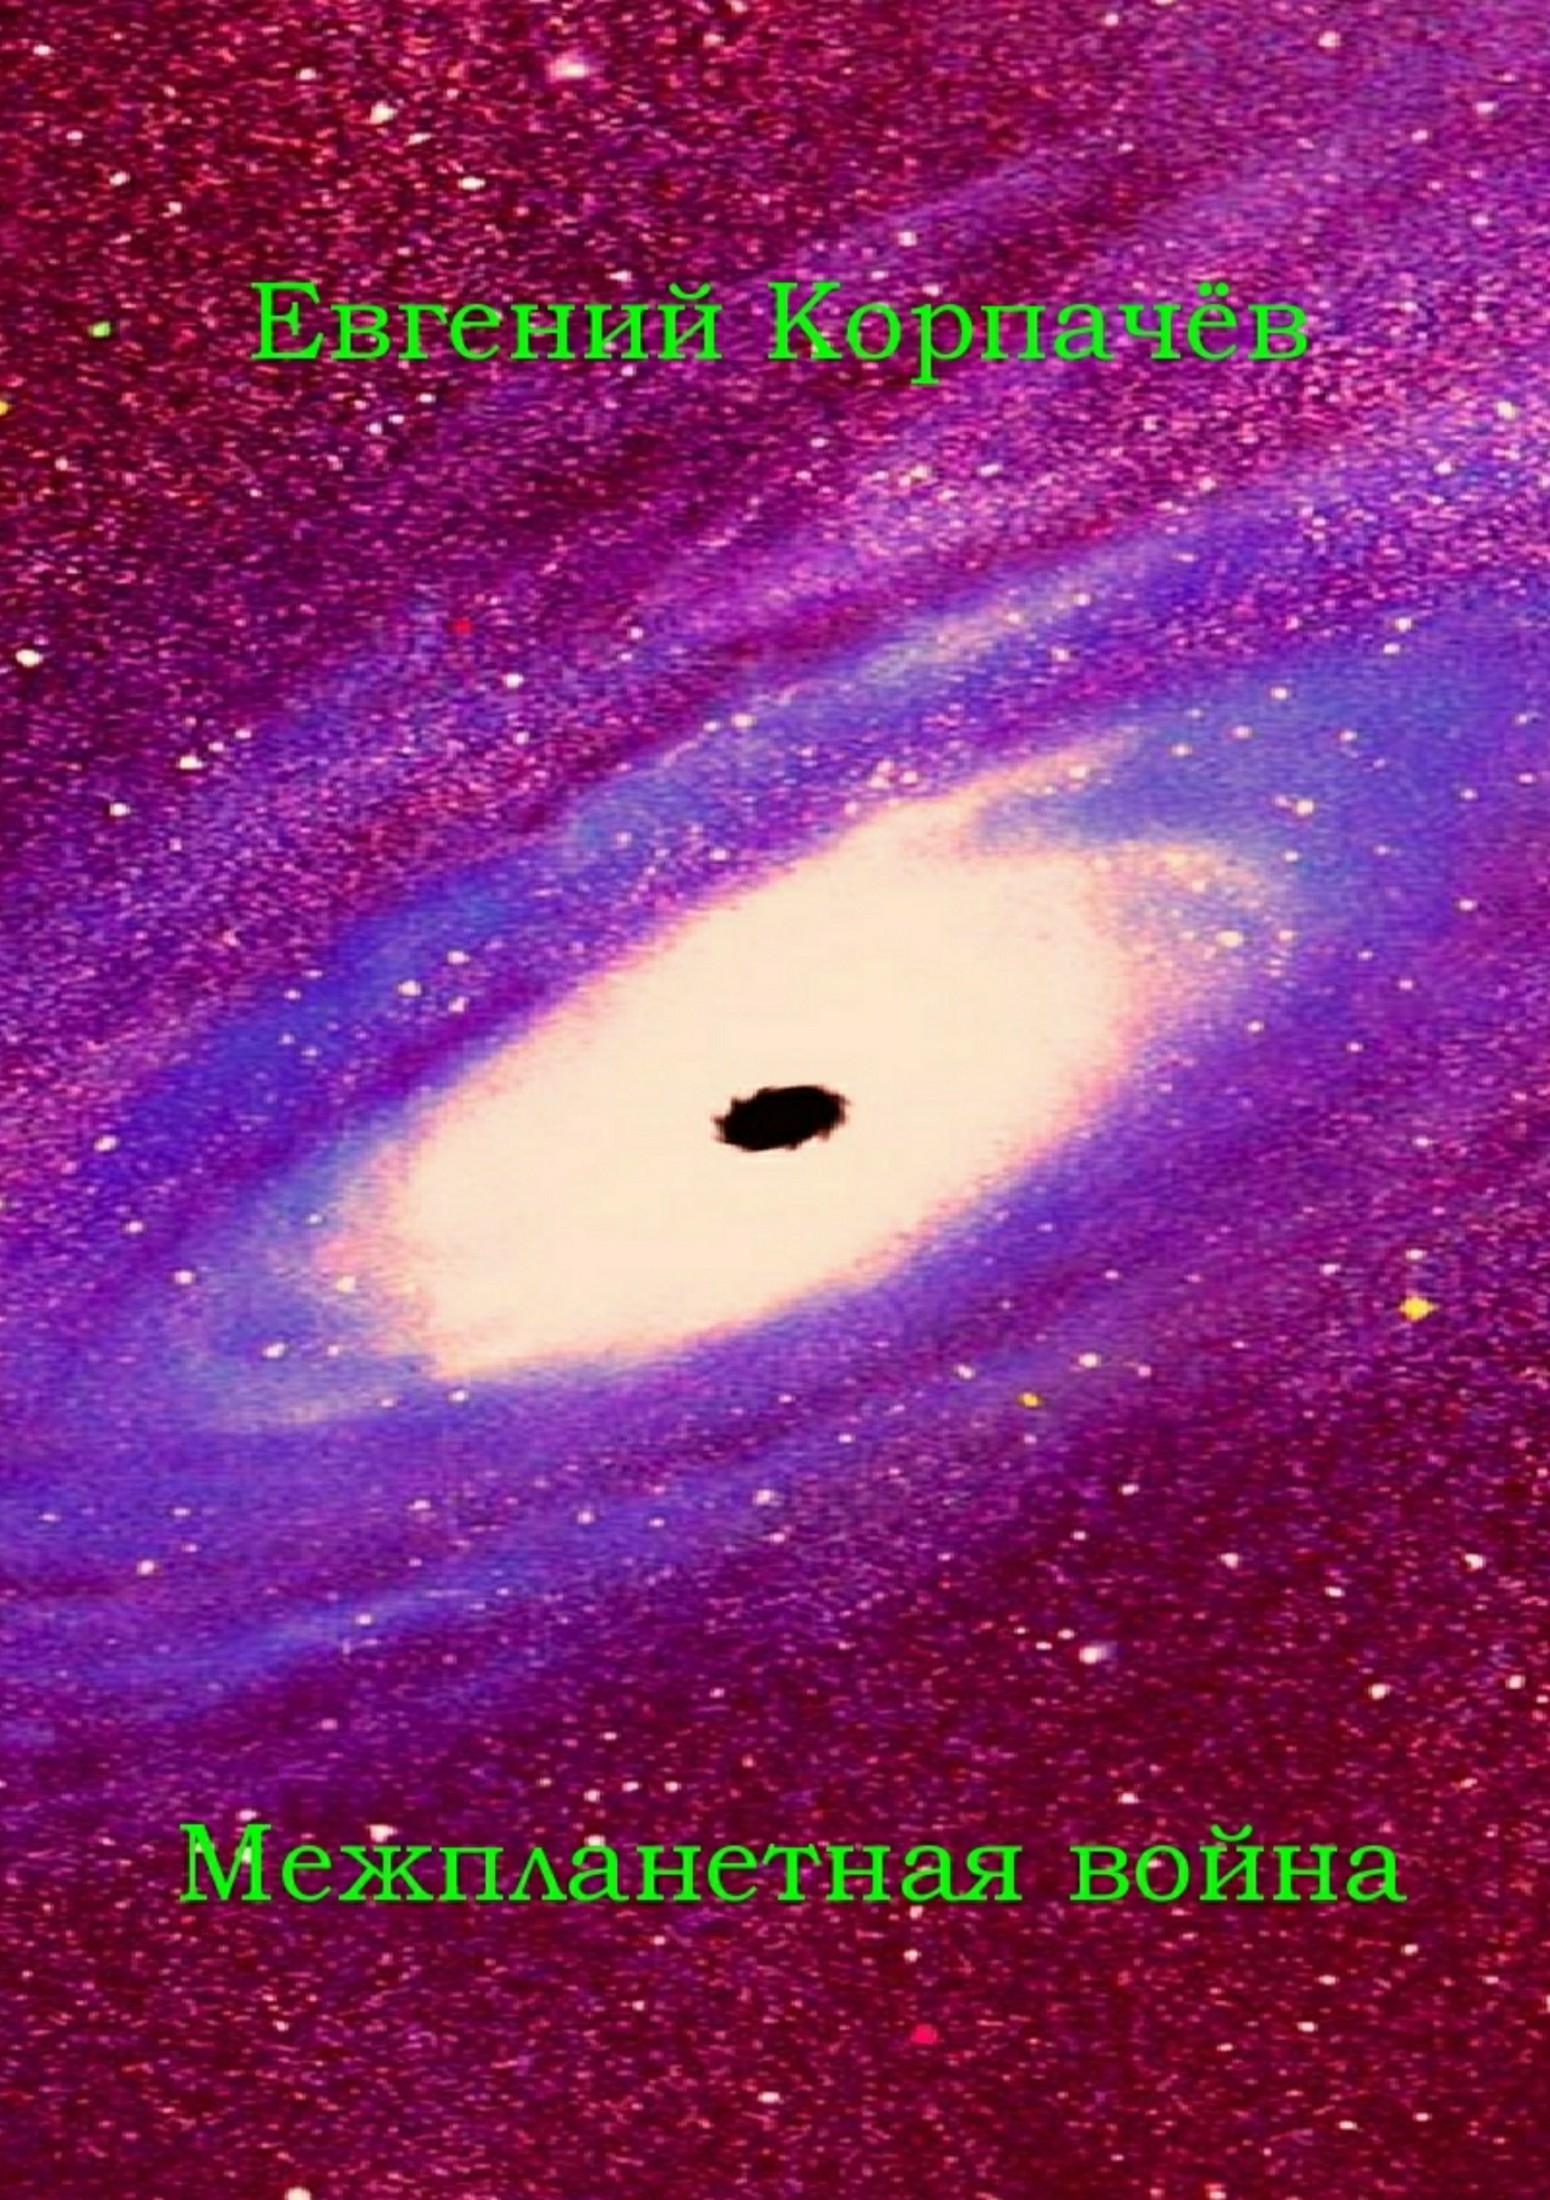 Евгений Корпачёв - Межпланетная война